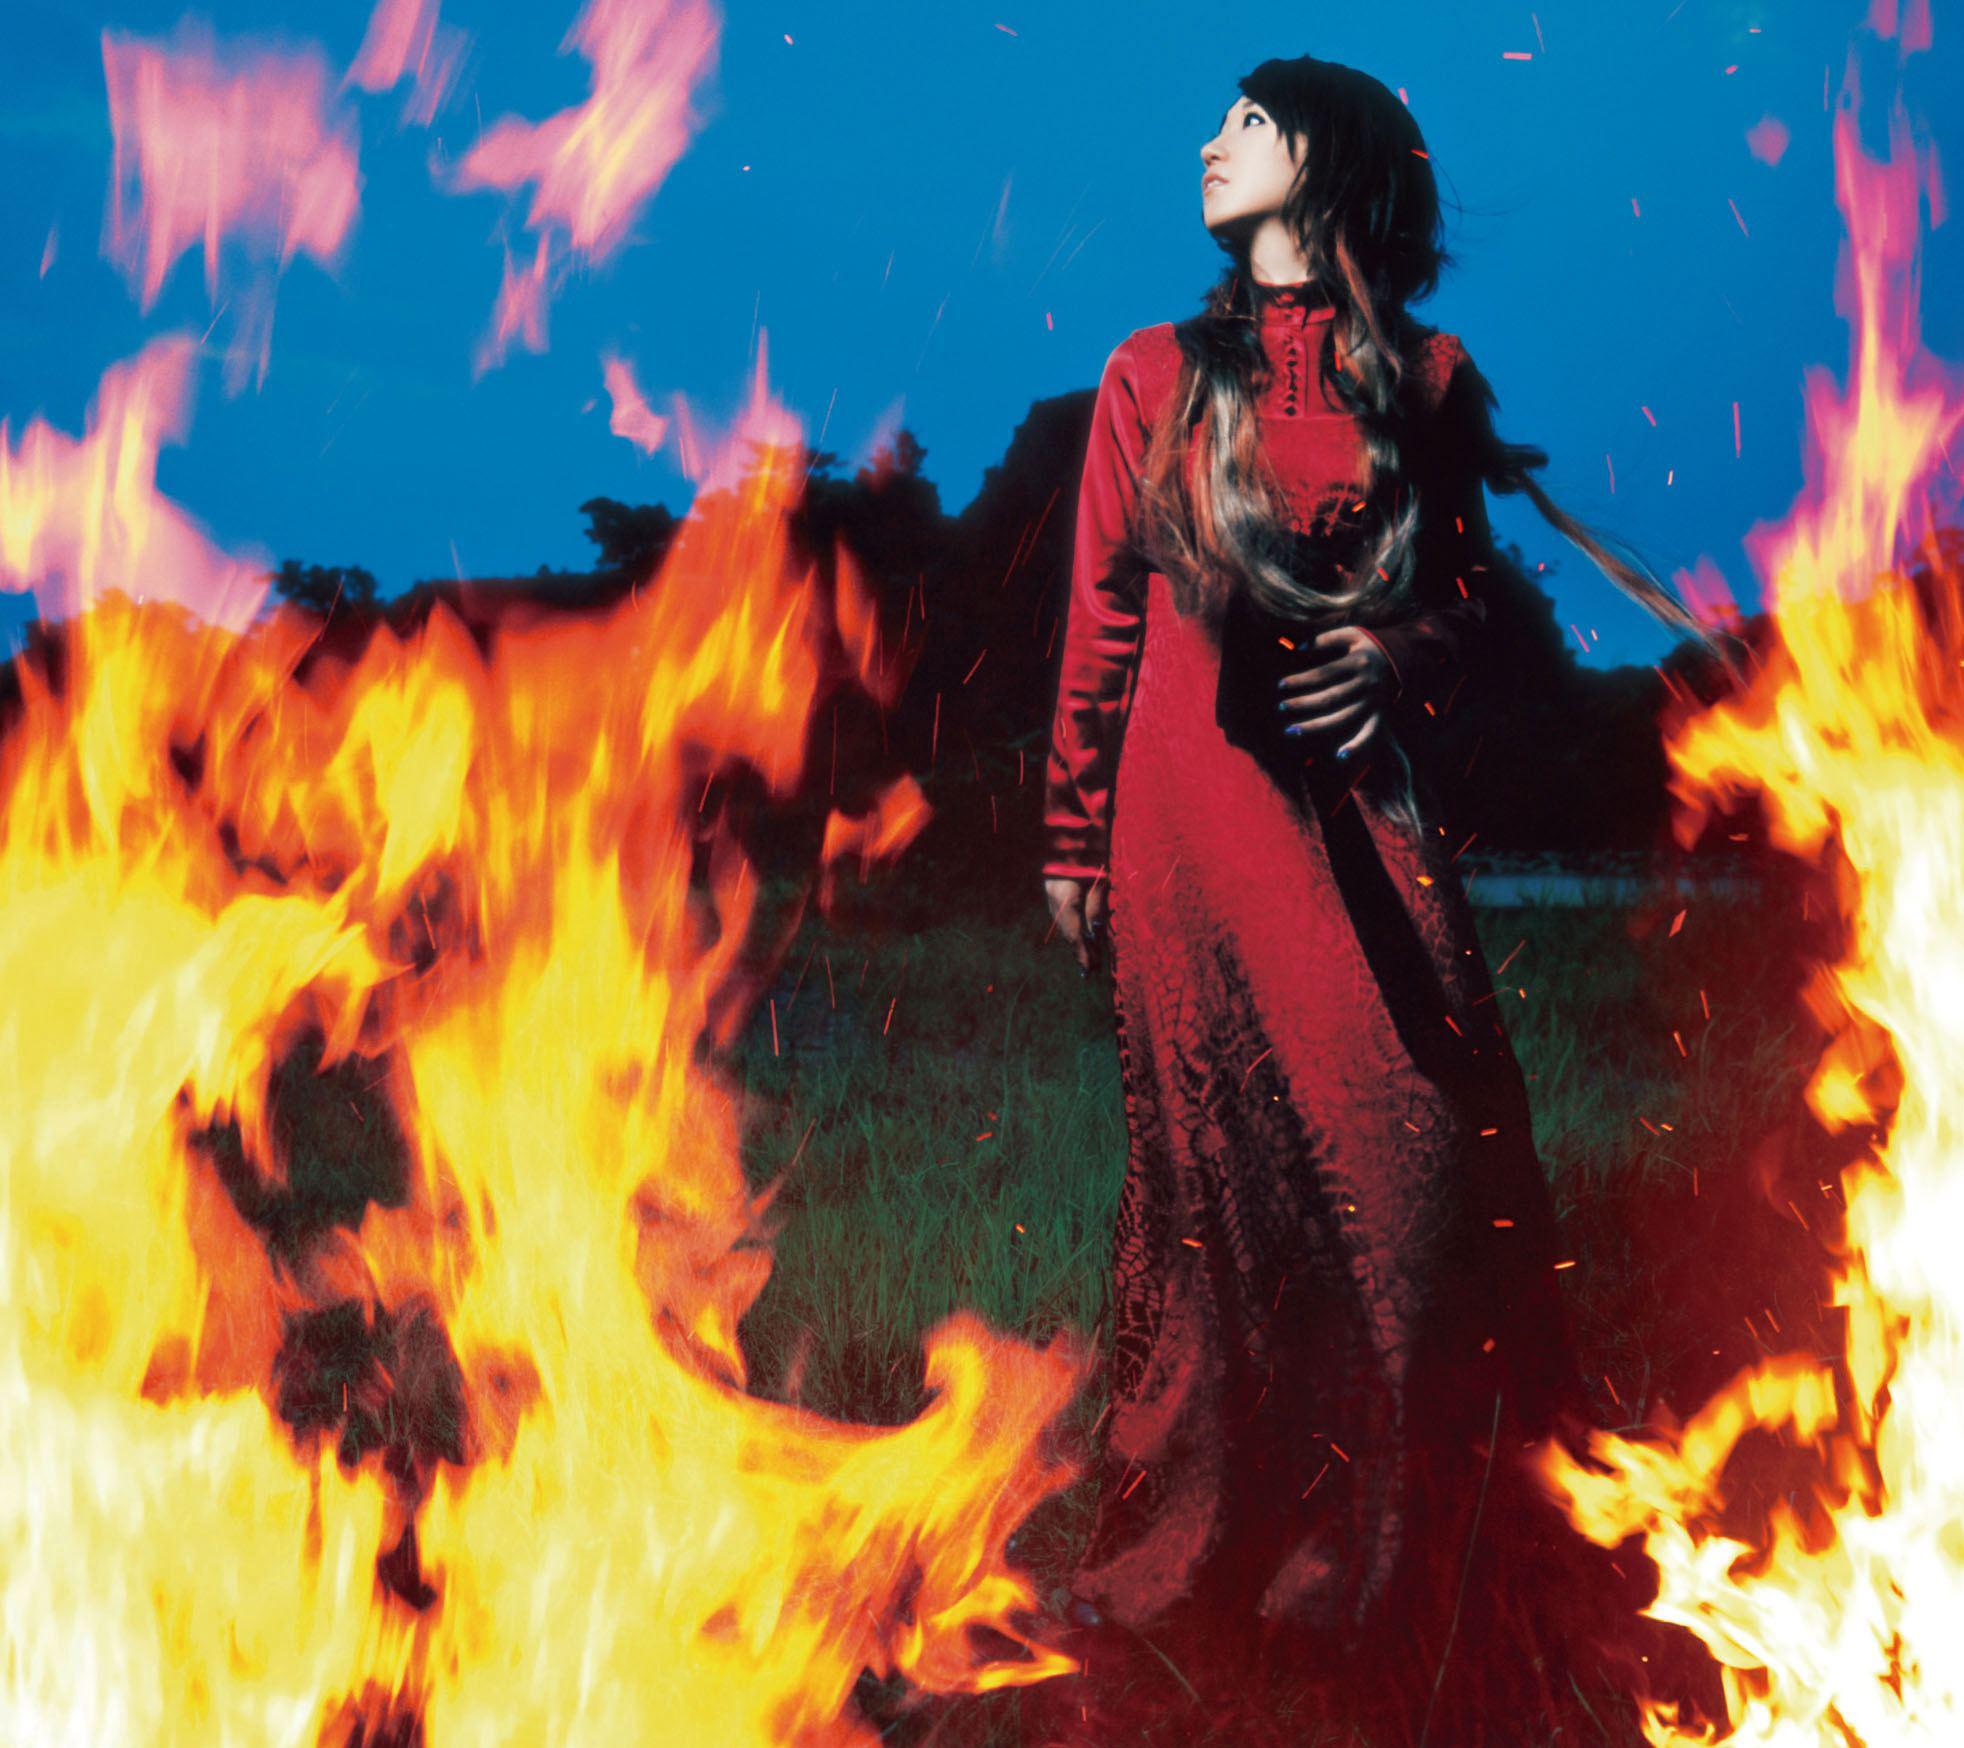 水樹奈々 (みずきなな) 20thシングル『夢幻 (むげん)』(2009年10月28日発売) 高画質ジャケット画像